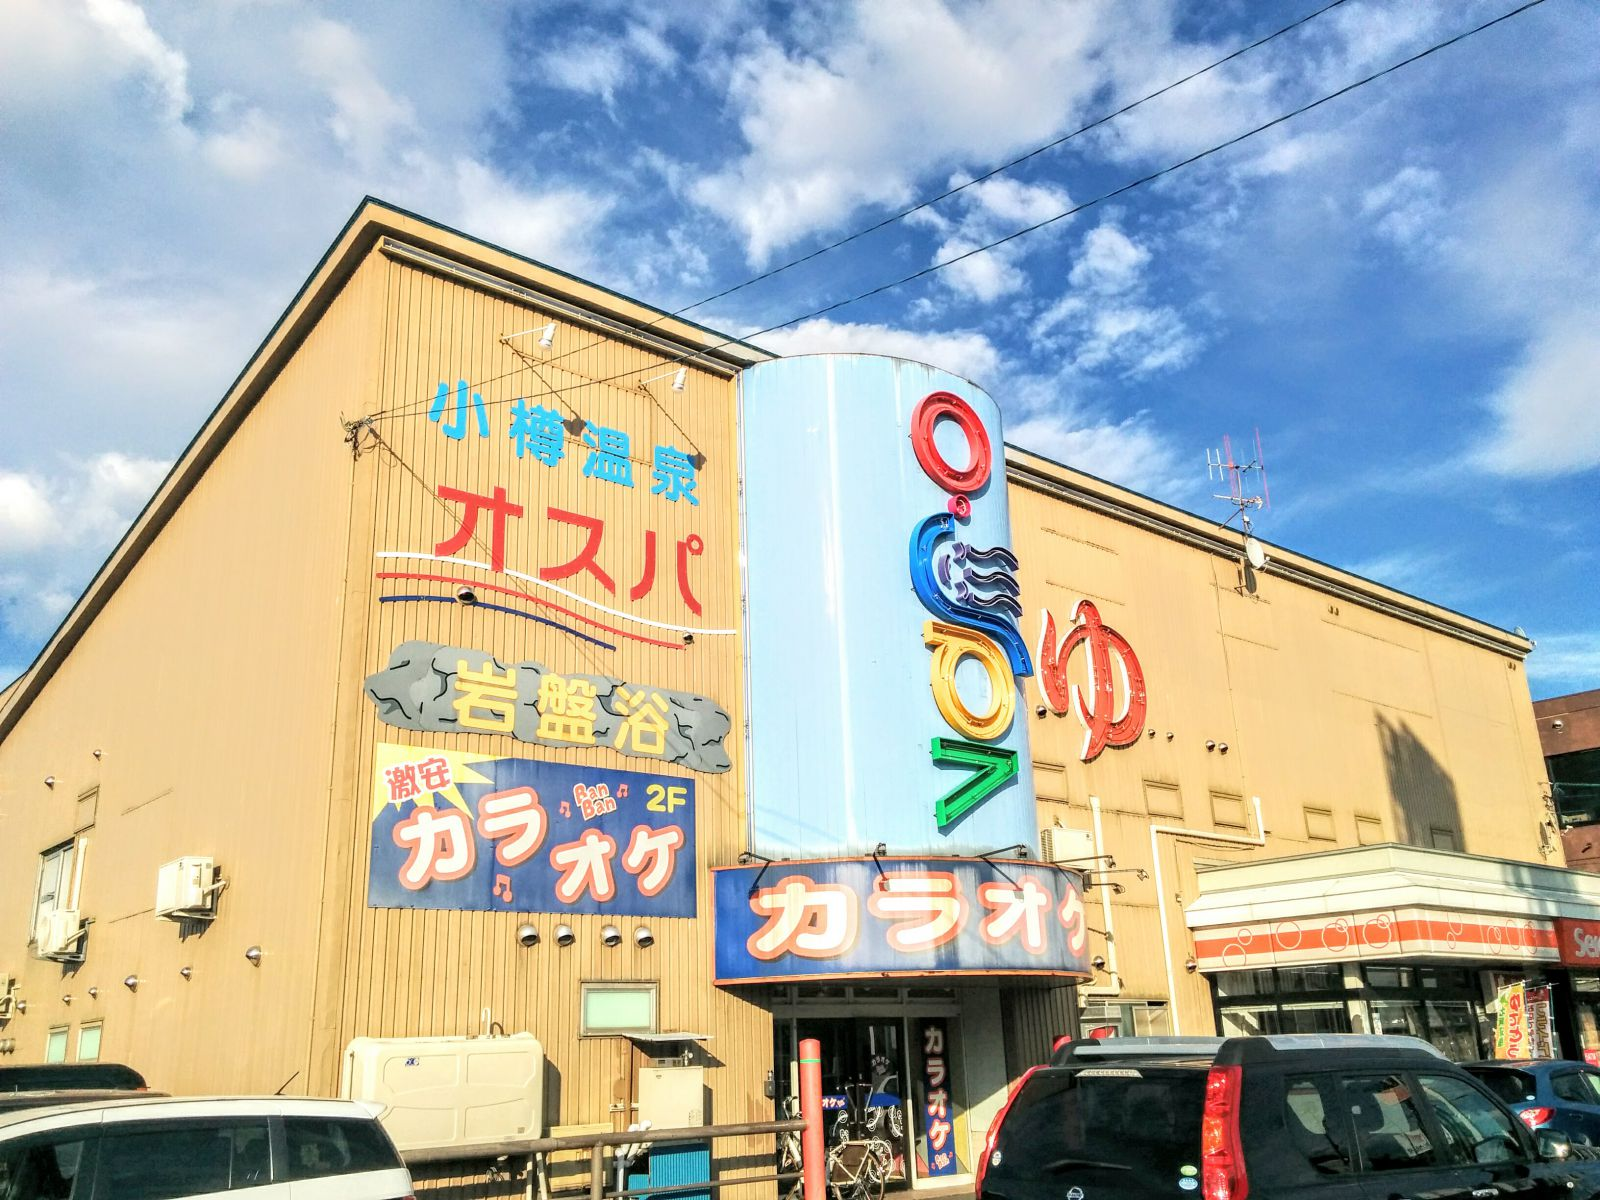 【小樽市】小樽温泉・オスパ観光案内です。